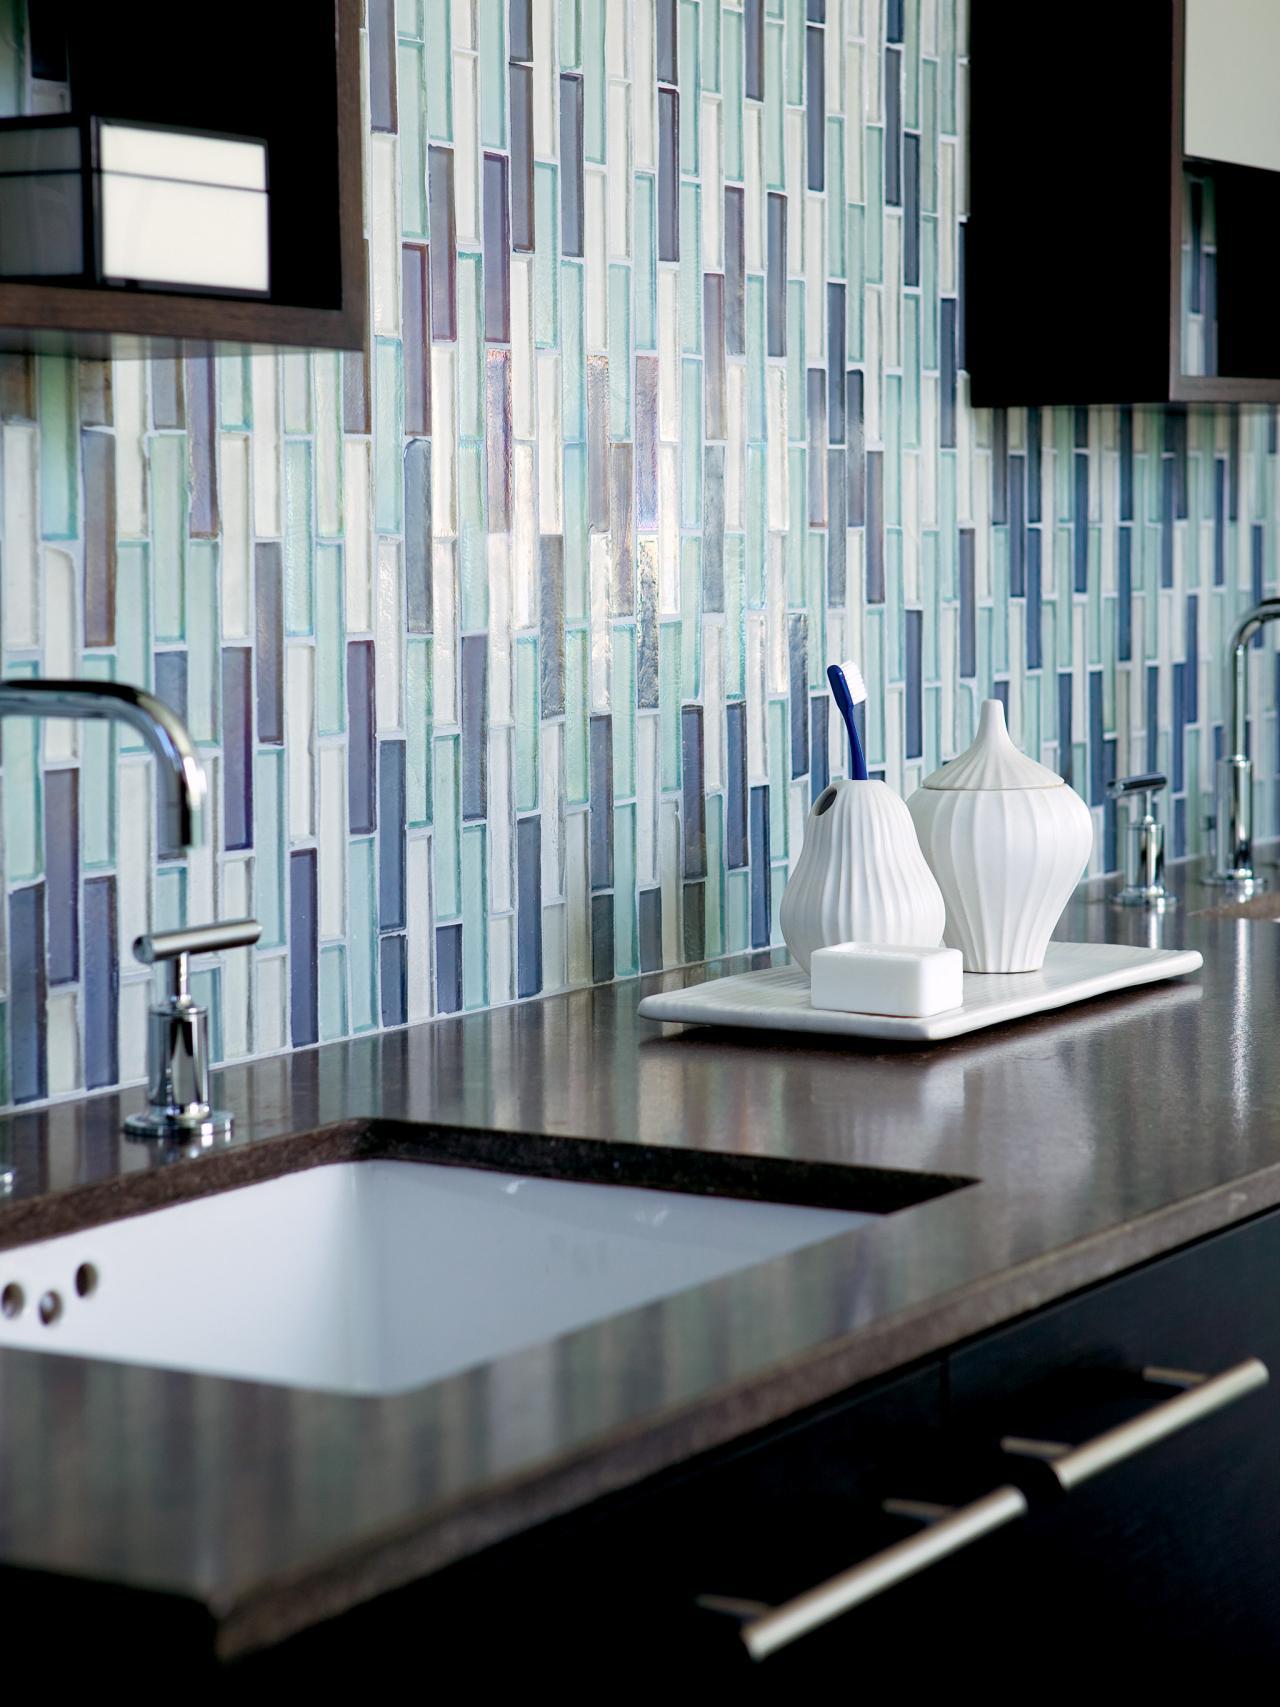 CI-Walker-Zanger_bathroom-tile-blues_v.jpg.rend.hgtvcom.1280.1707